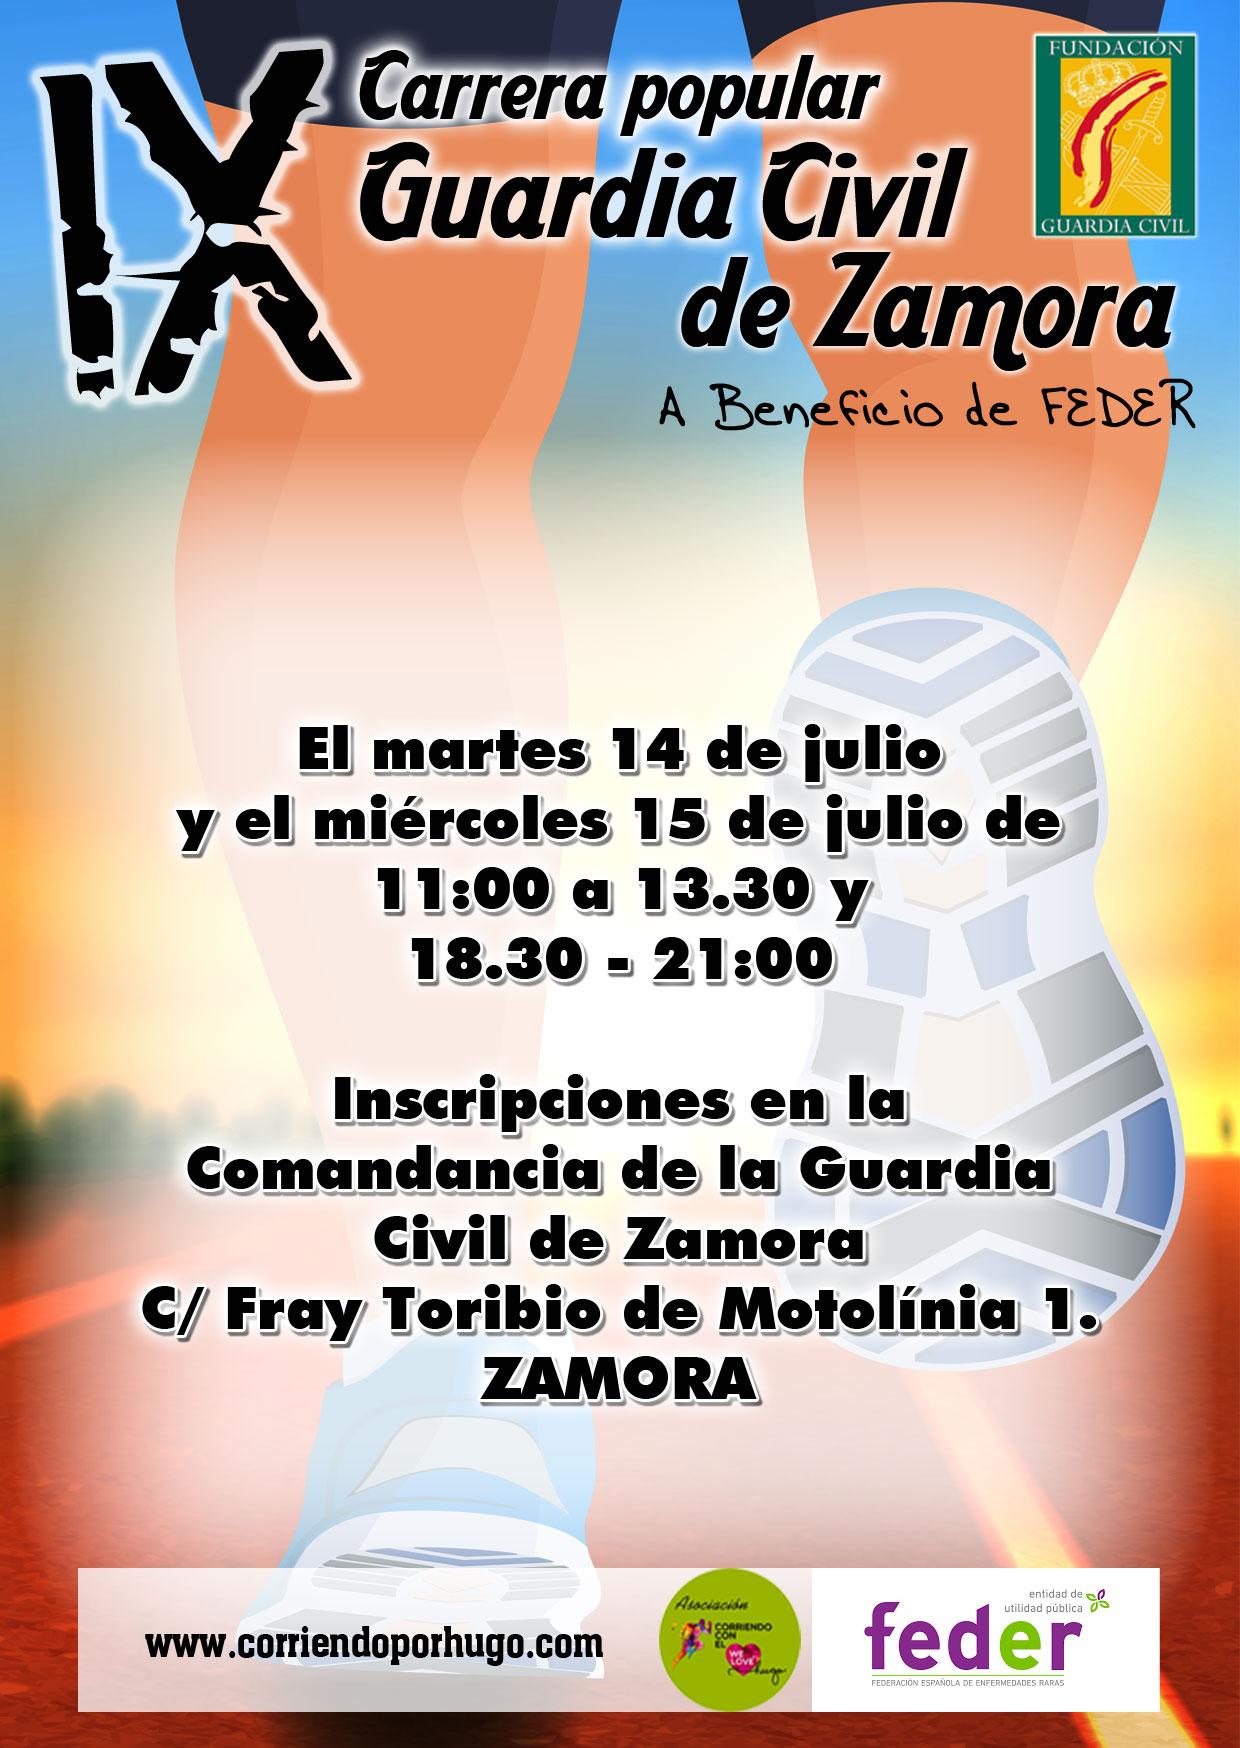 Inscripciones en la Comandancia de la Guardia Civil de Zamora